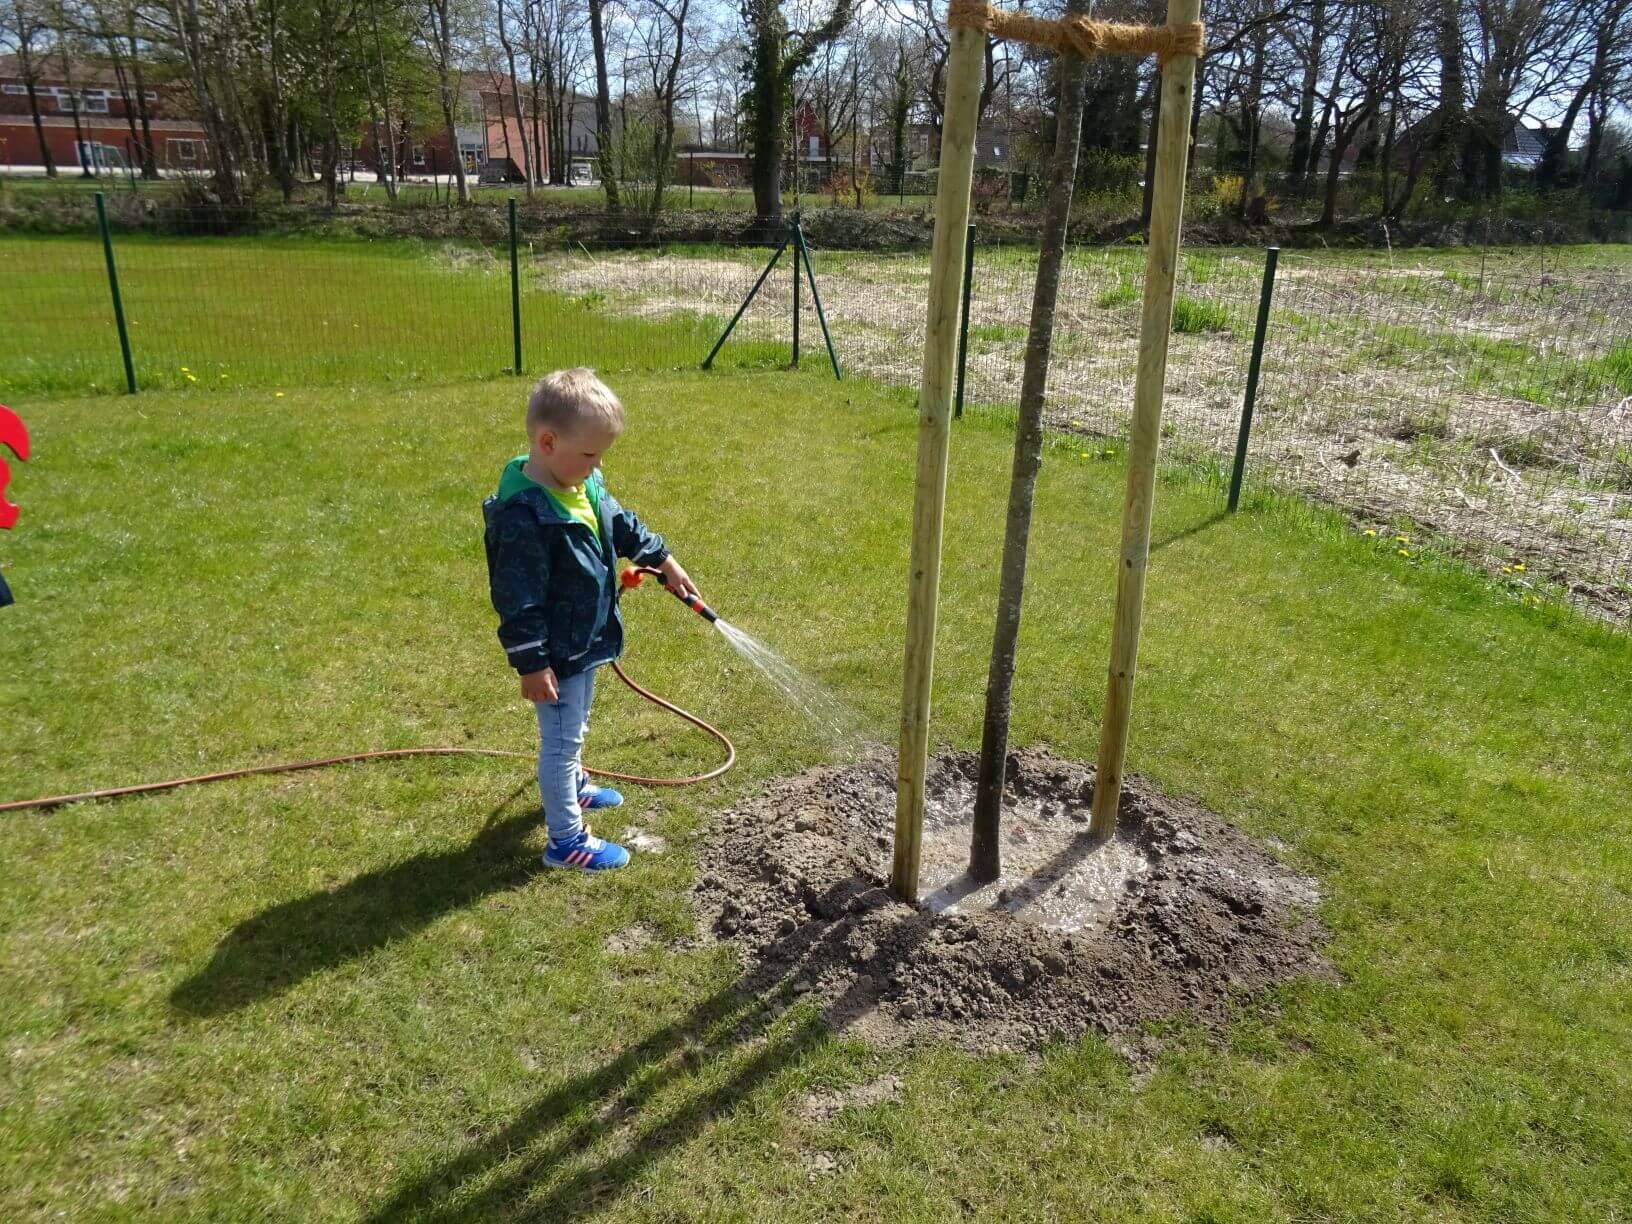 Vor ein paar Tagen haben wir Zuwachs im Zwergenland bekommen. Zwei neue Linden wurden auf unserem Außengelände gepflanzt. Die netten Kollegen vom Bauhof Hesel haben unter Aufsicht der Kinder die Bäume sehr gut eingepflanzt. Vielen Dank! Die Kinder achten nun täglich darauf die Bäume zu gießen. Die Linde ist nicht nur unser neuer Krippenbaum, sondern […]